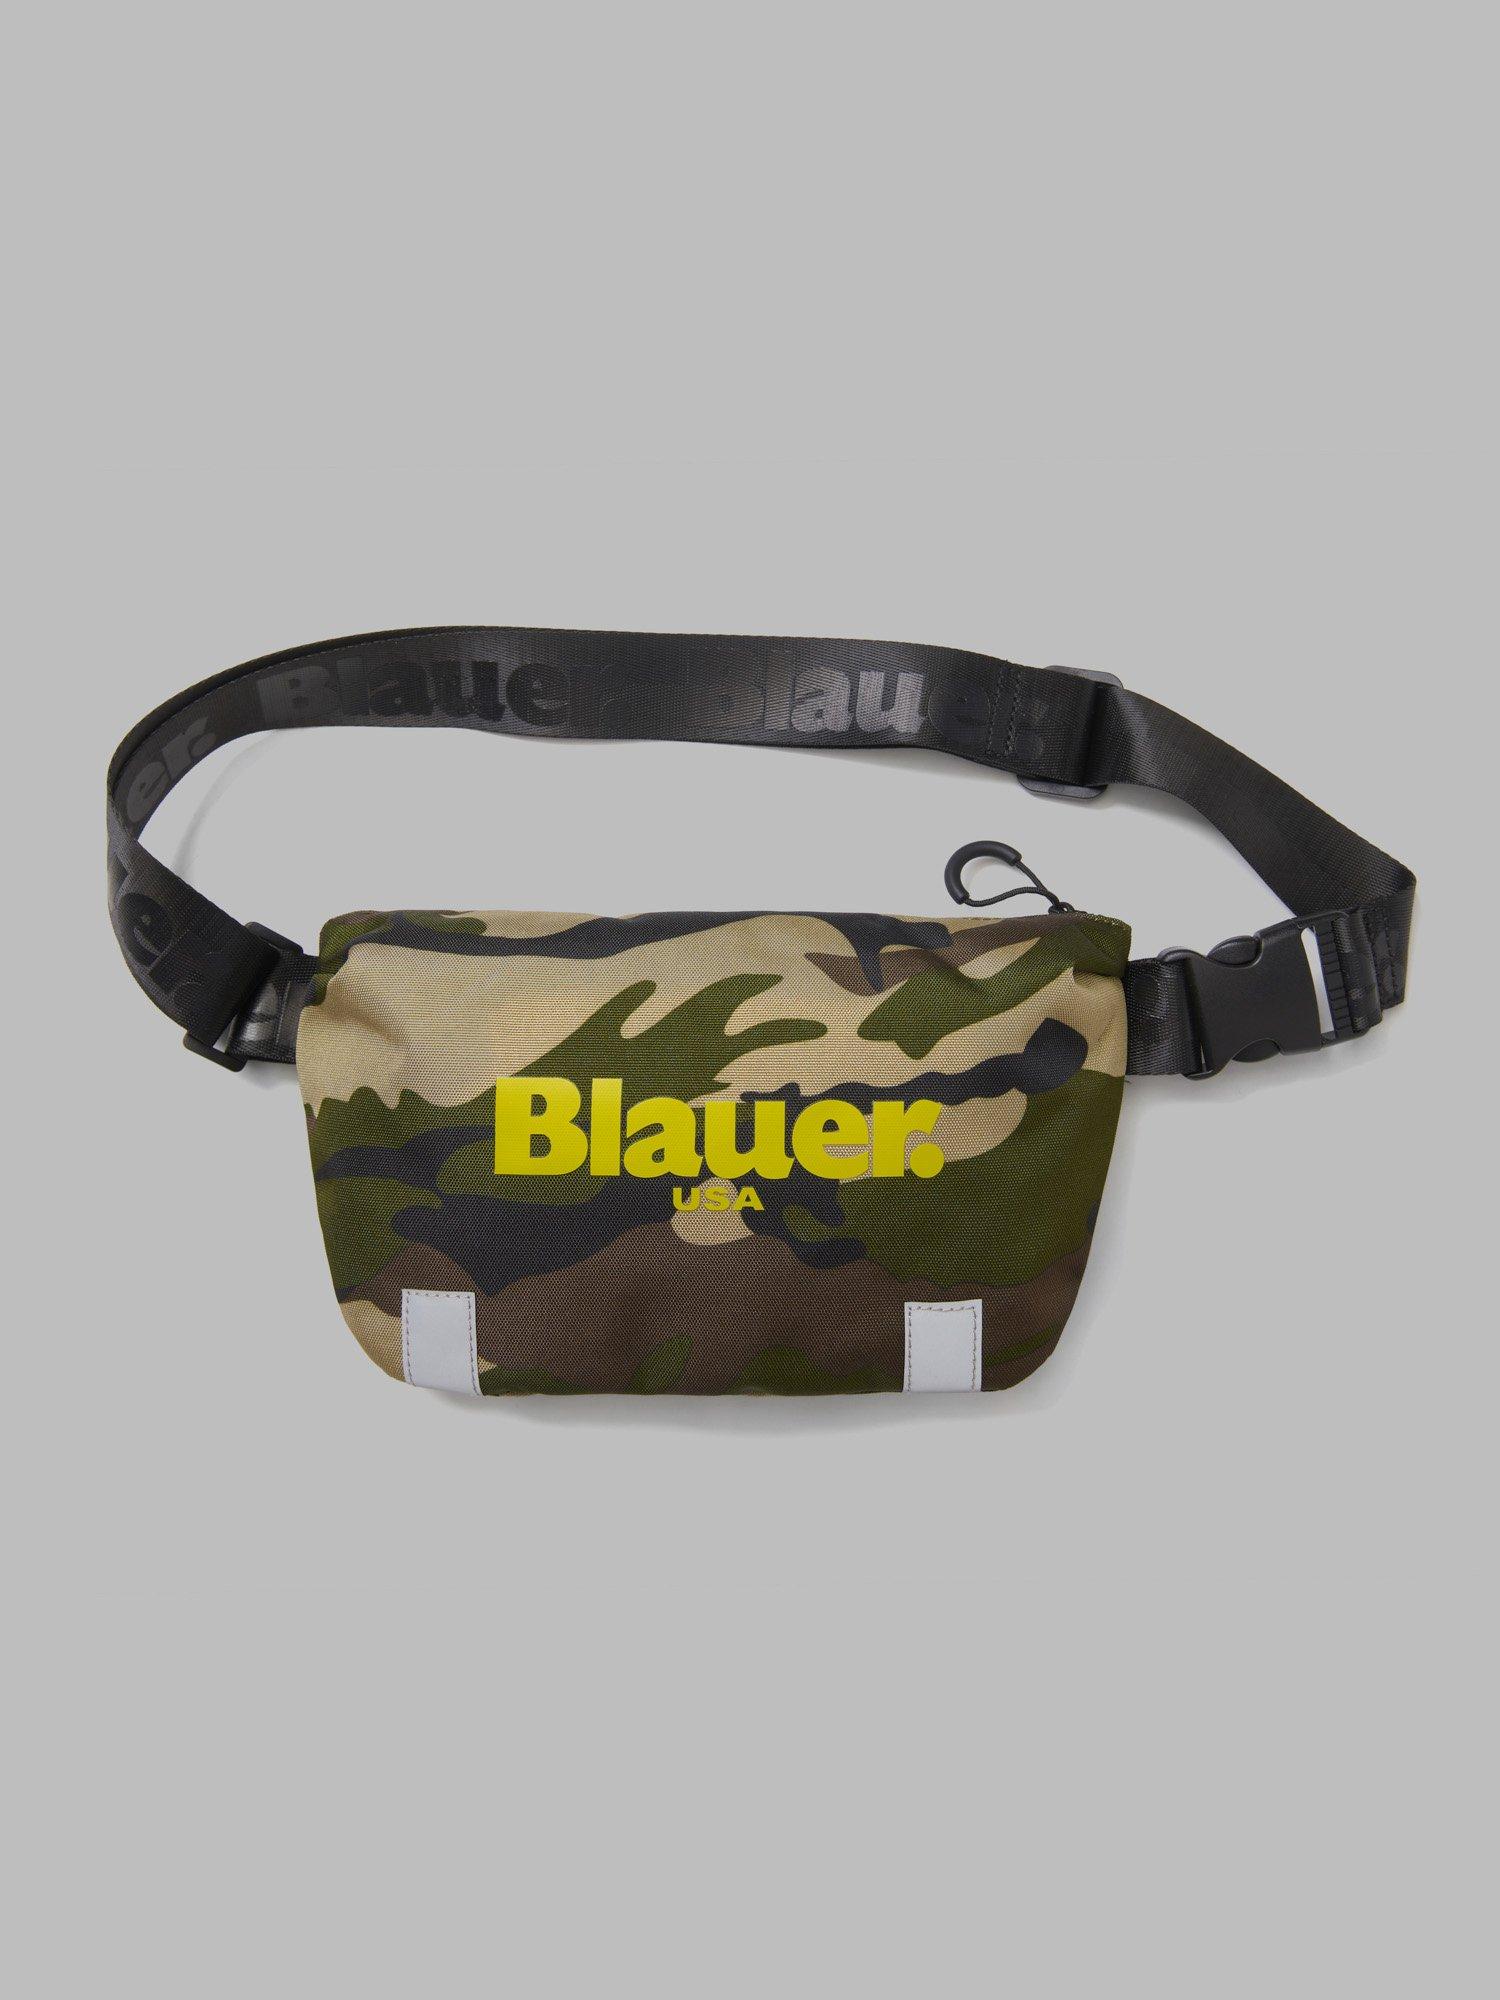 CARTER BELT BAG - Blauer